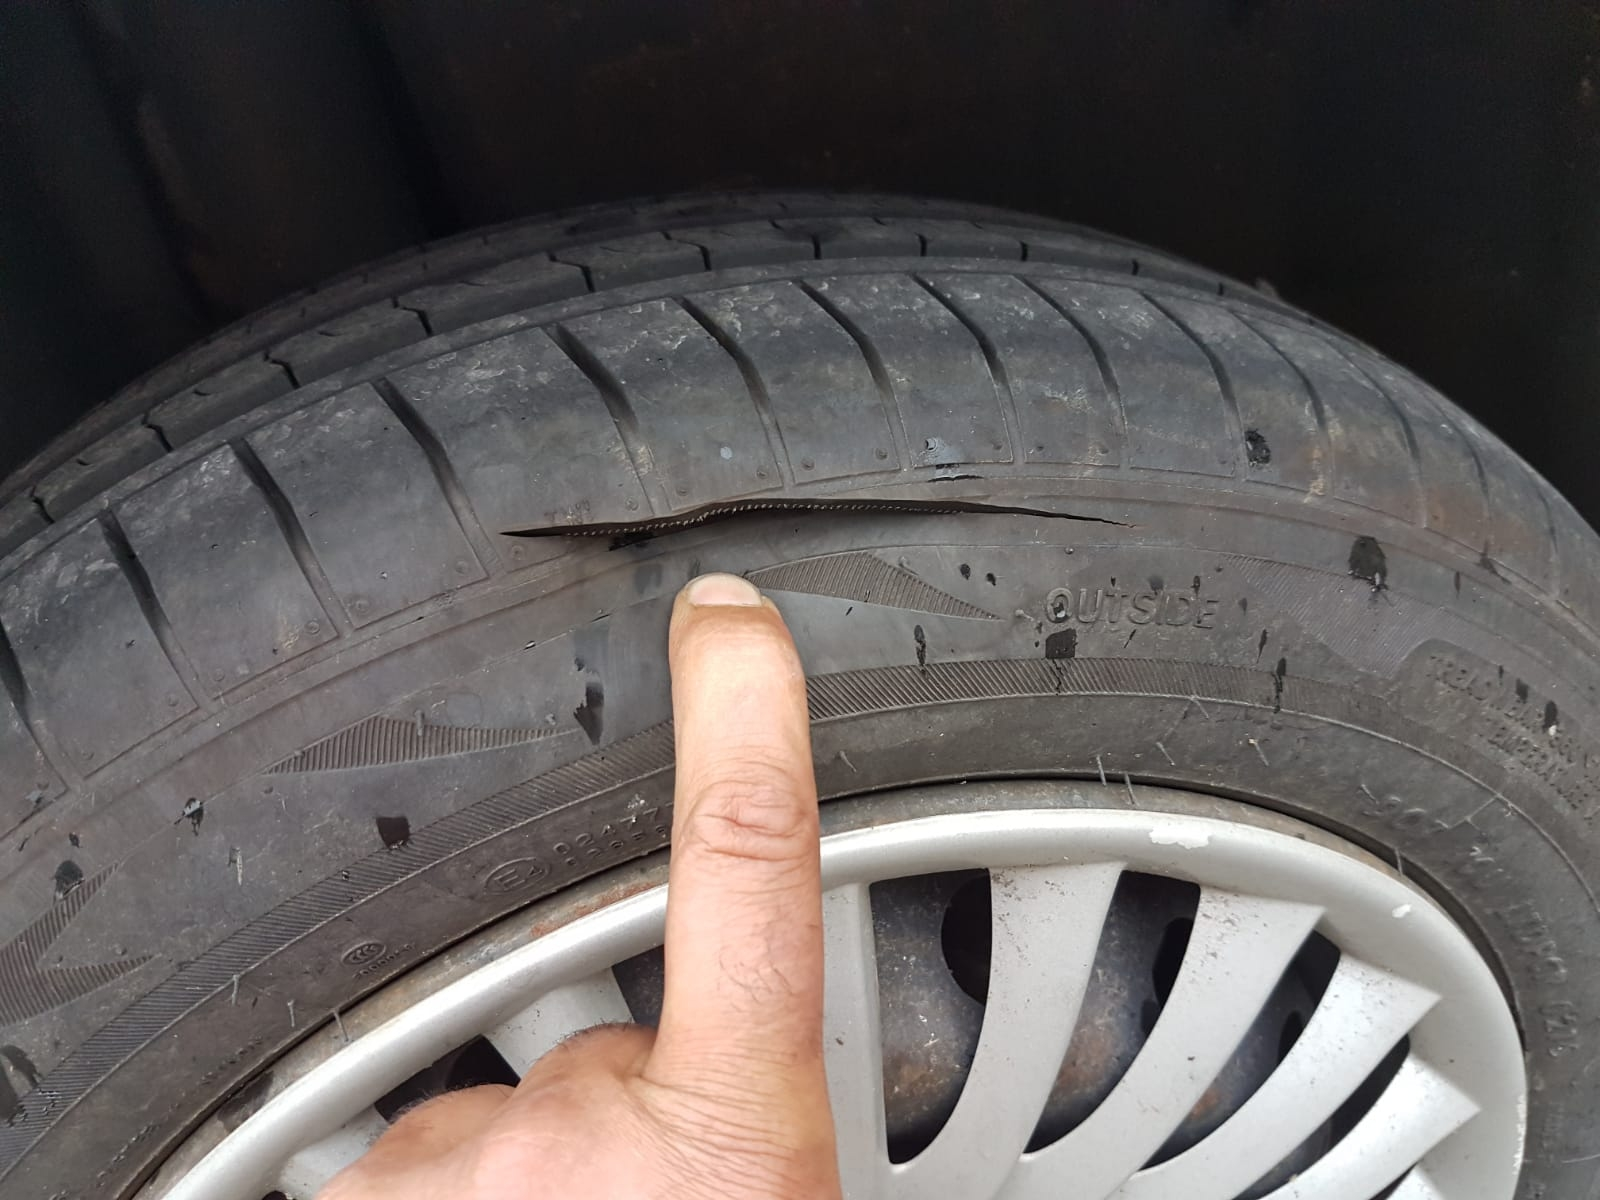 PIVERONE - Niente elemosina: fedele taglia le gomme all'auto del parroco. Ora va a processo per tentata estorsione e danneggiamento